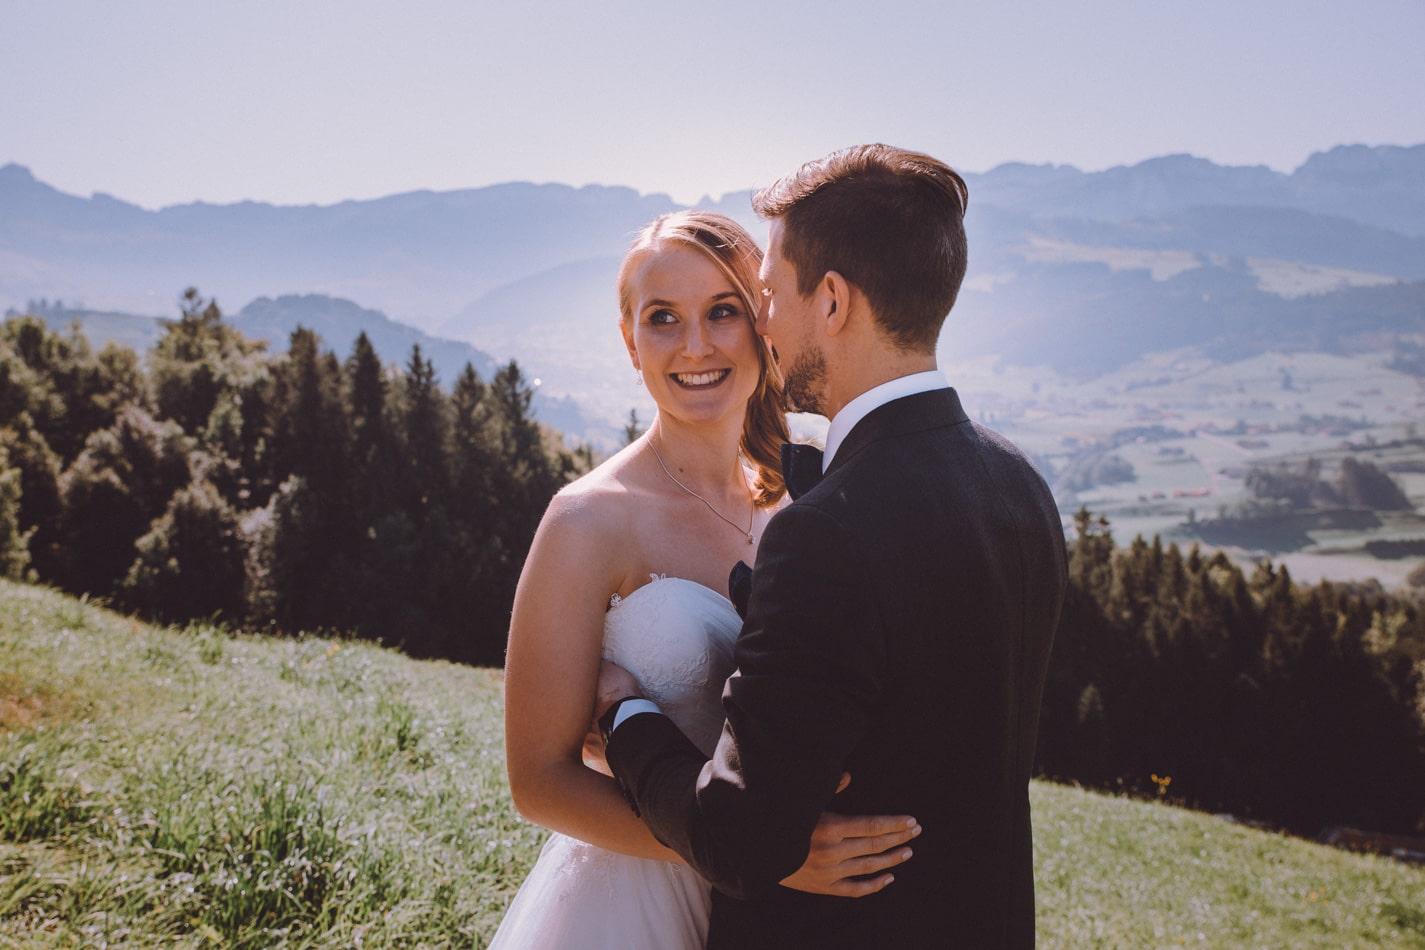 Hochzeitsfotograf in Appenzell, Schweiz